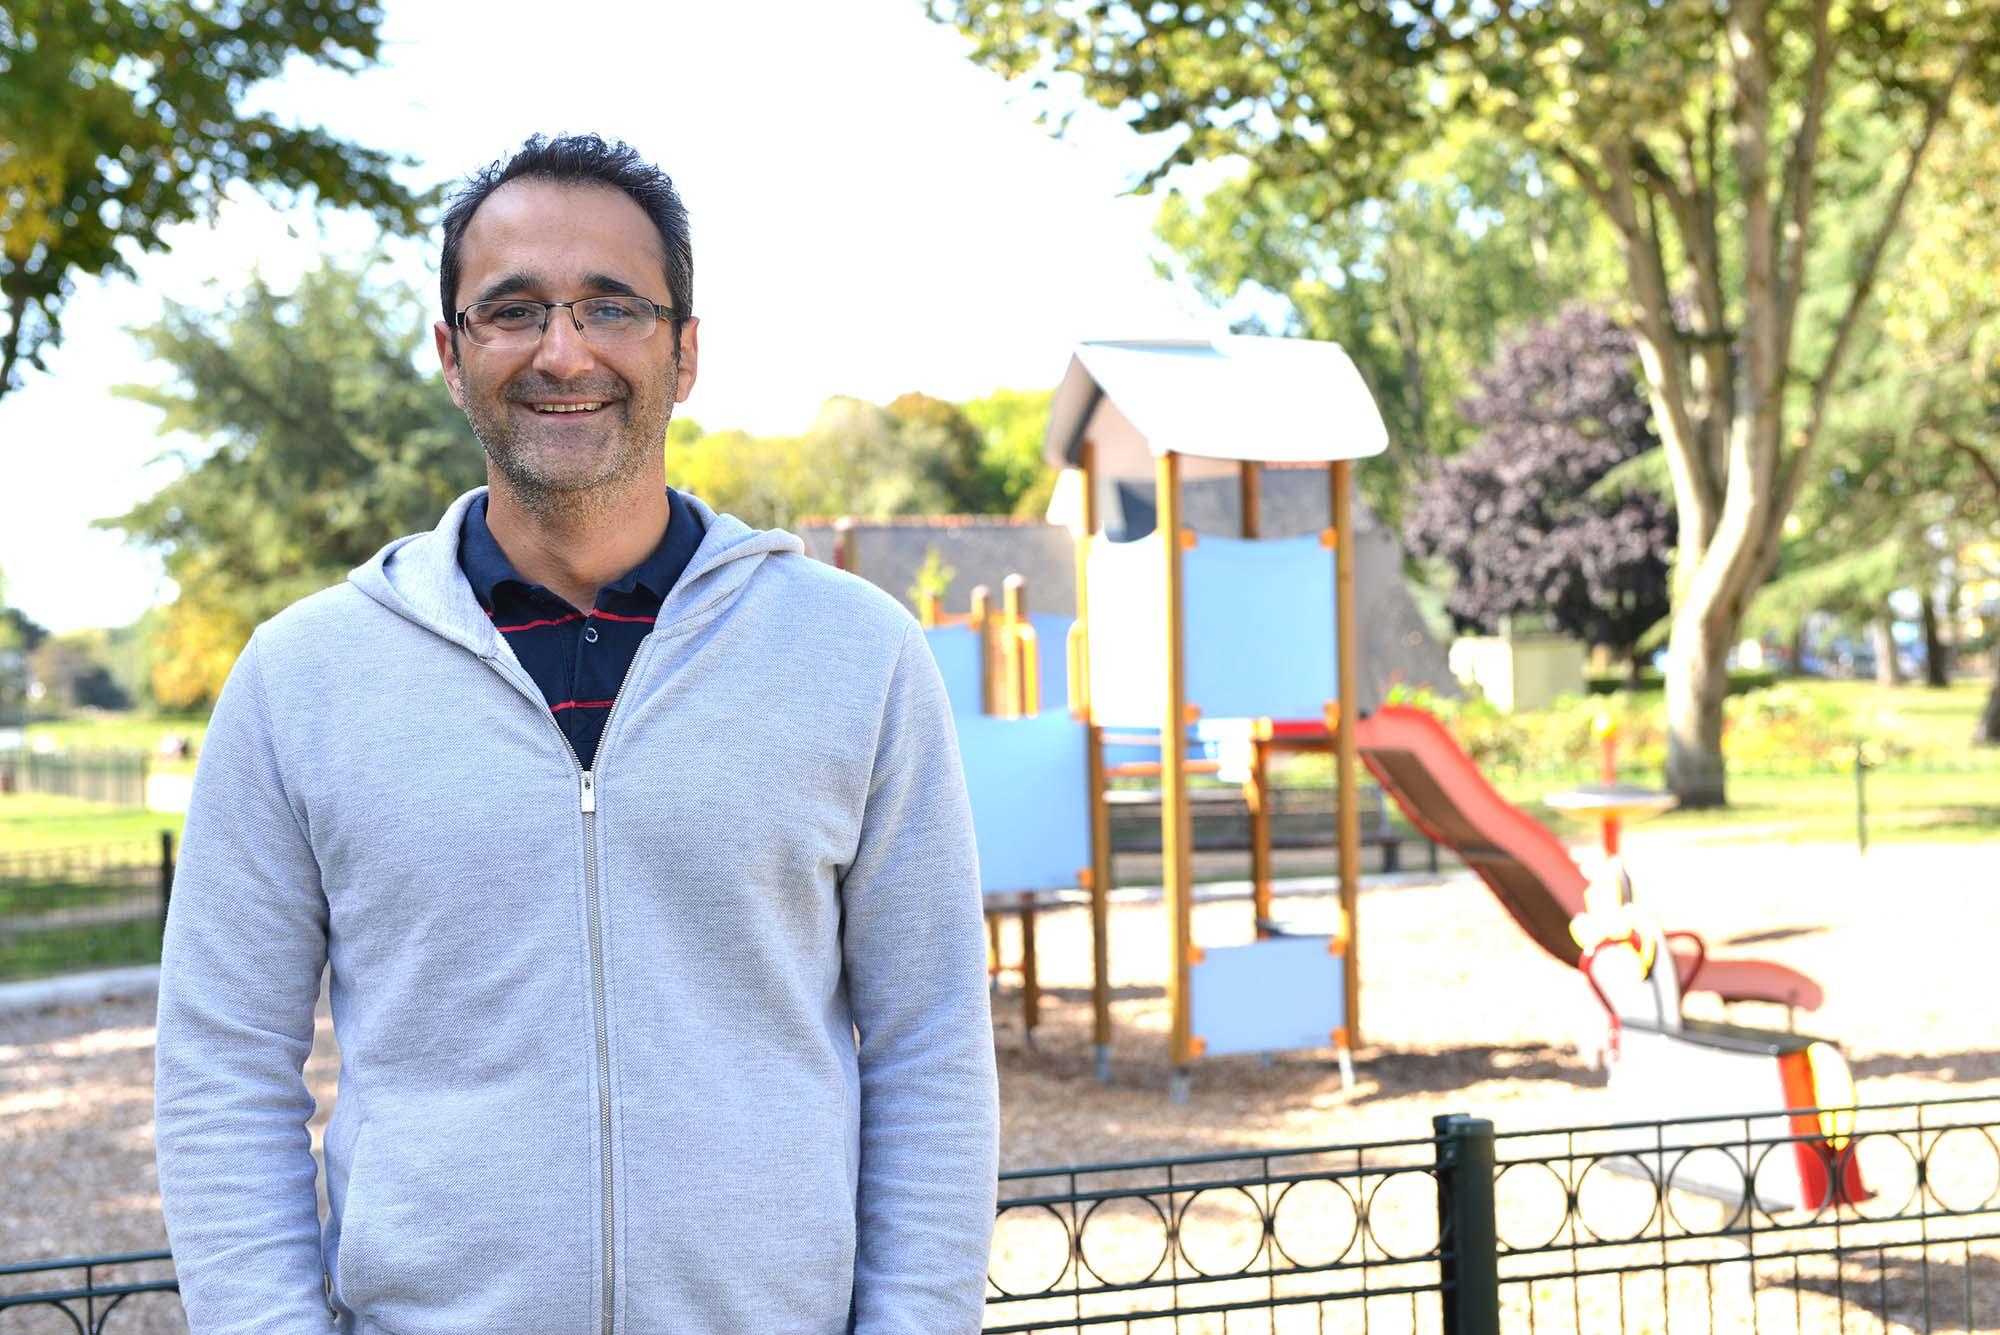 Rachid Leray, 37 ans - est support technique chez Safran et Airbus